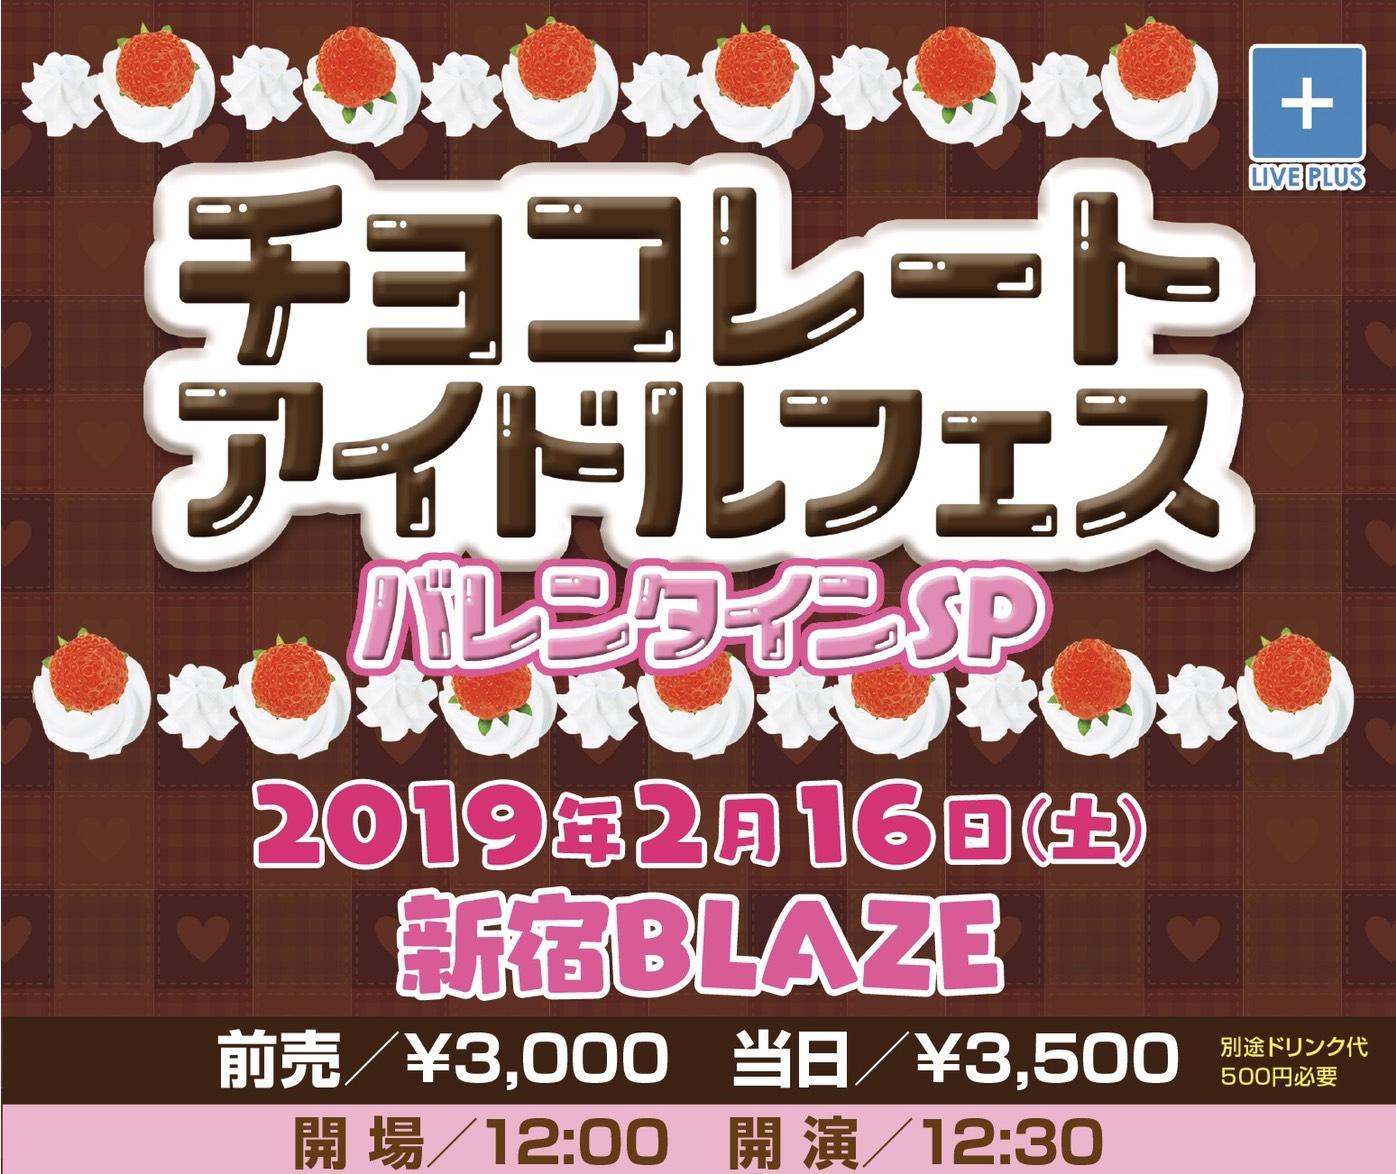 チョコレートアイドルフェス@新宿BLAZE